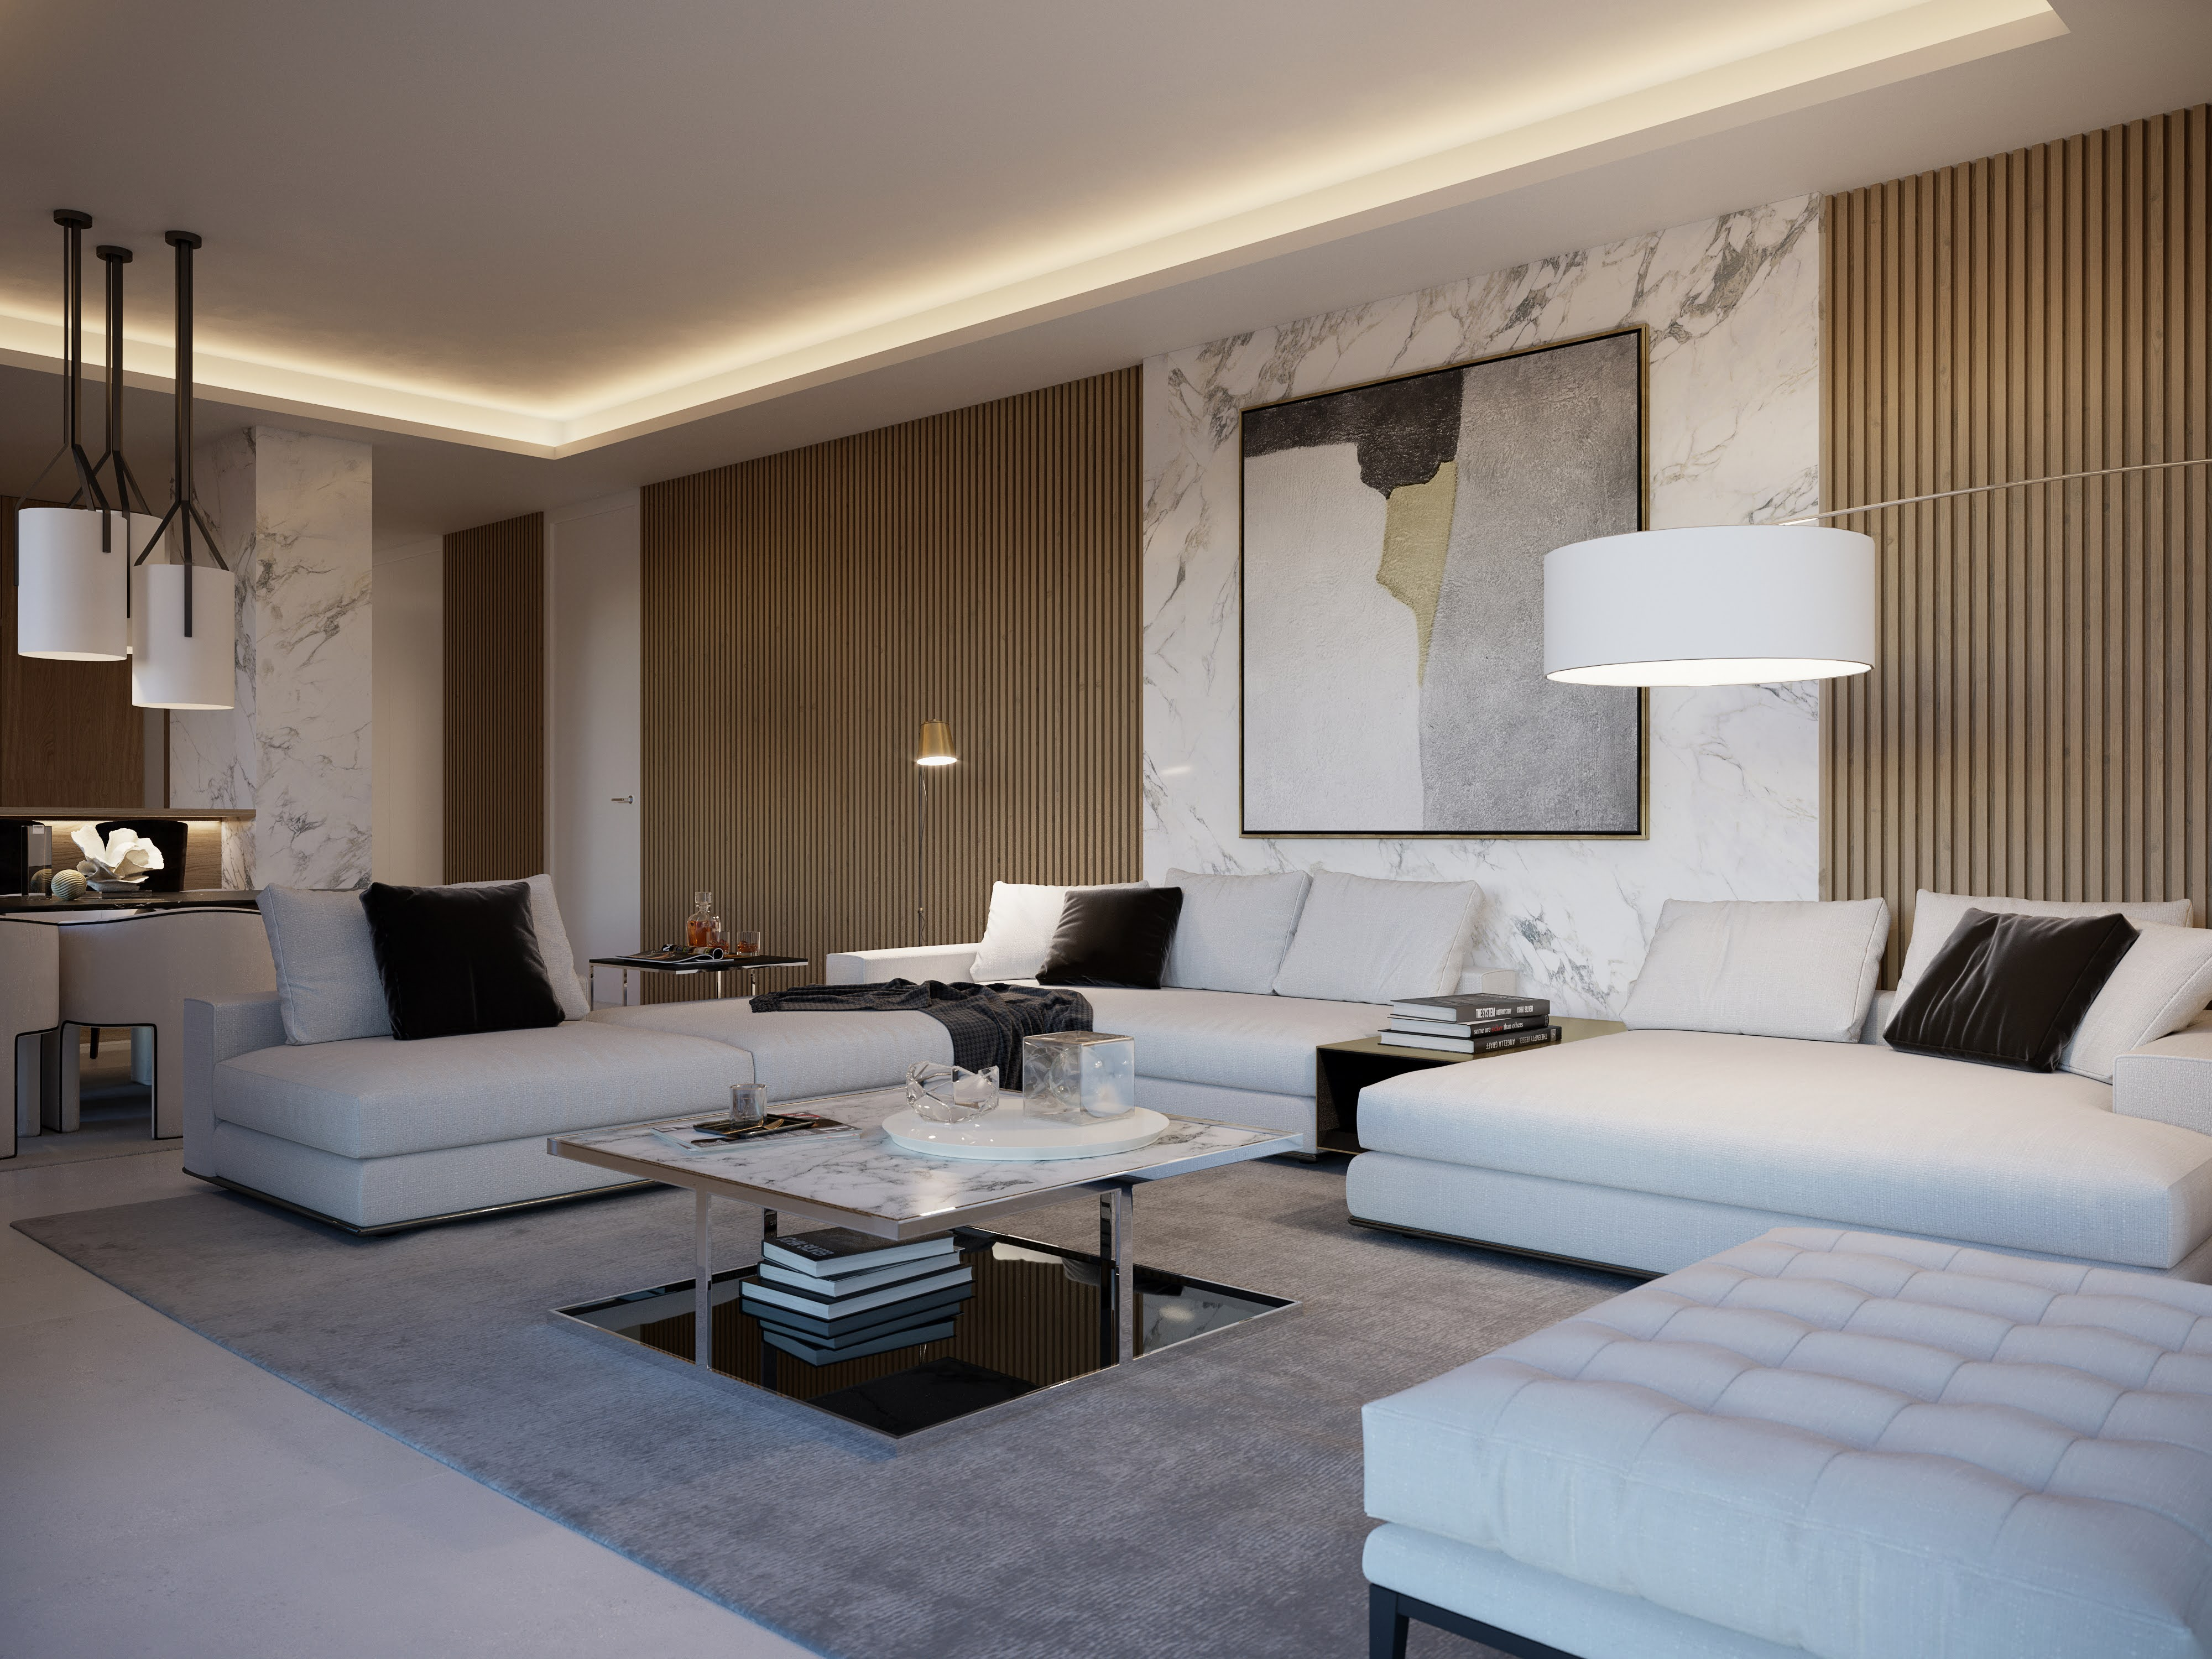 Grandes sofás que adornan el espacio